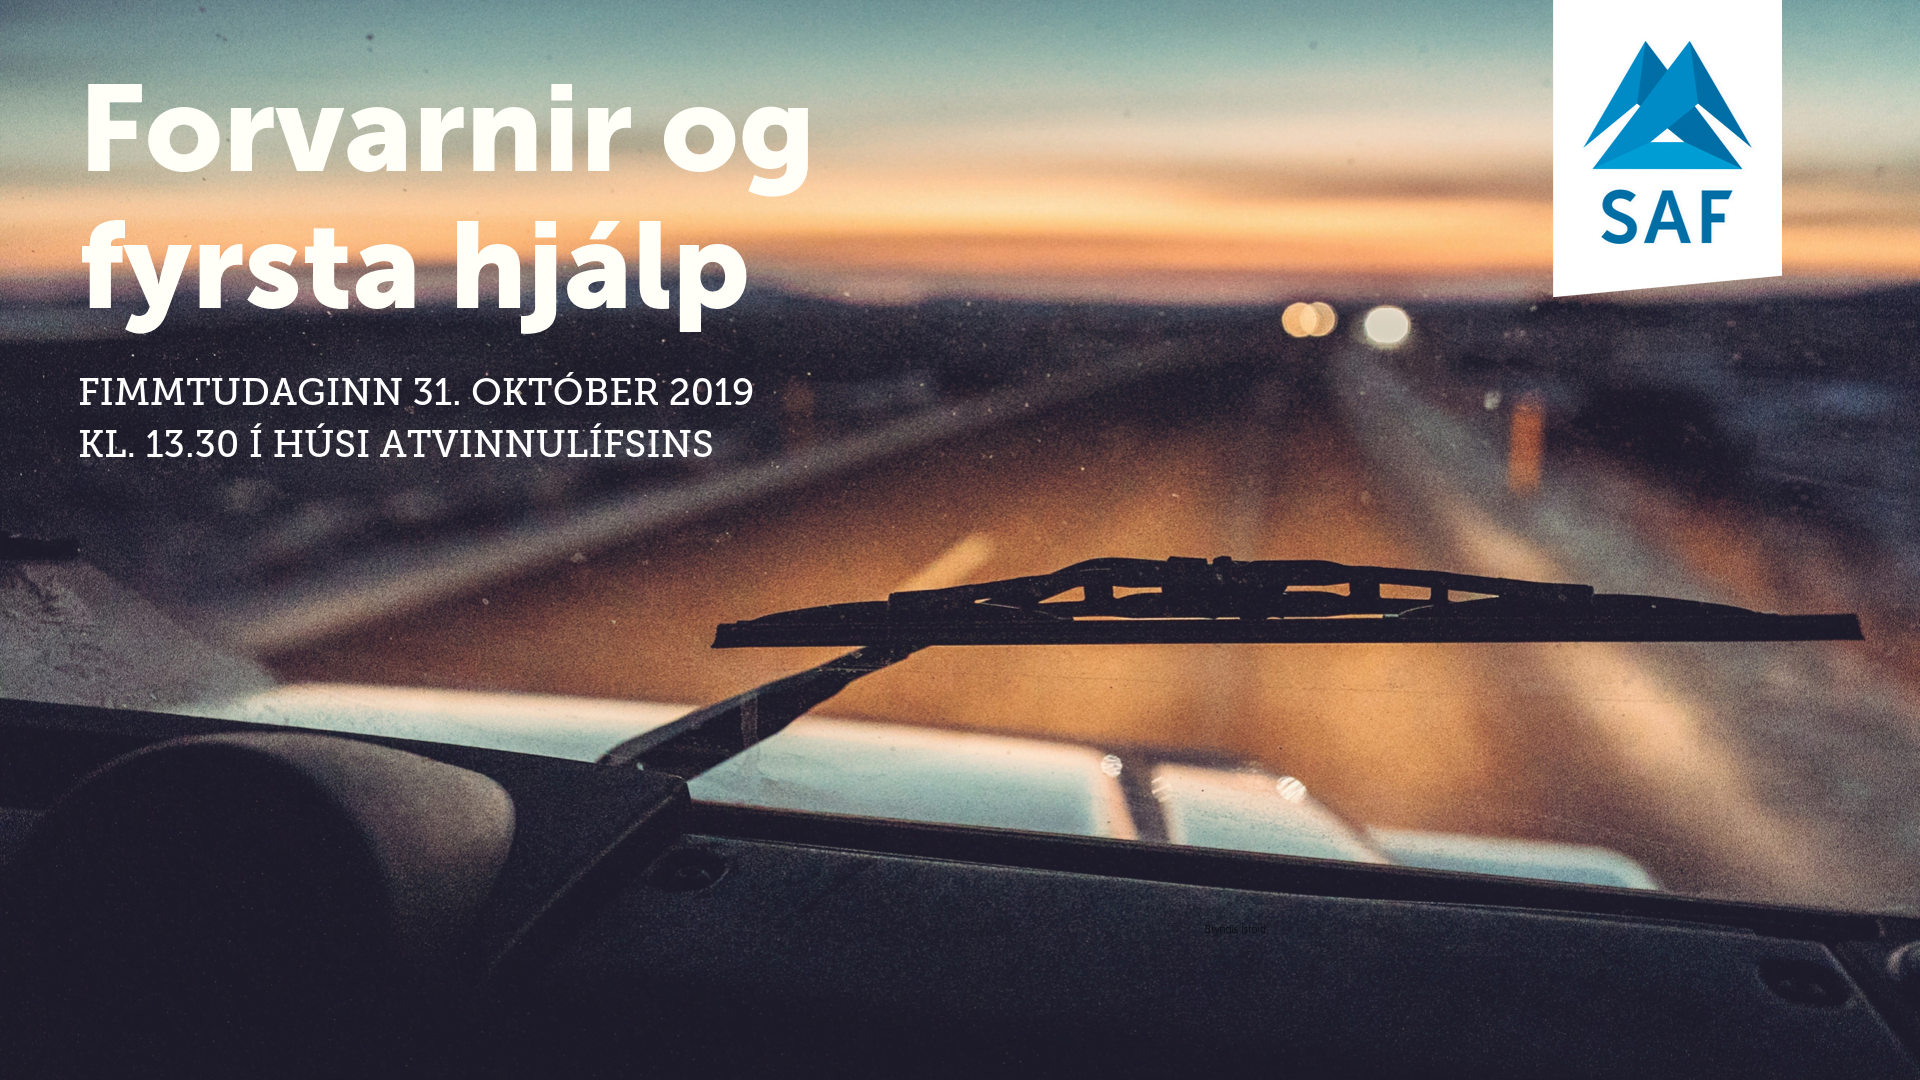 Forvarnir og fyrsta hjálp - fundur 31.10.19 (2)